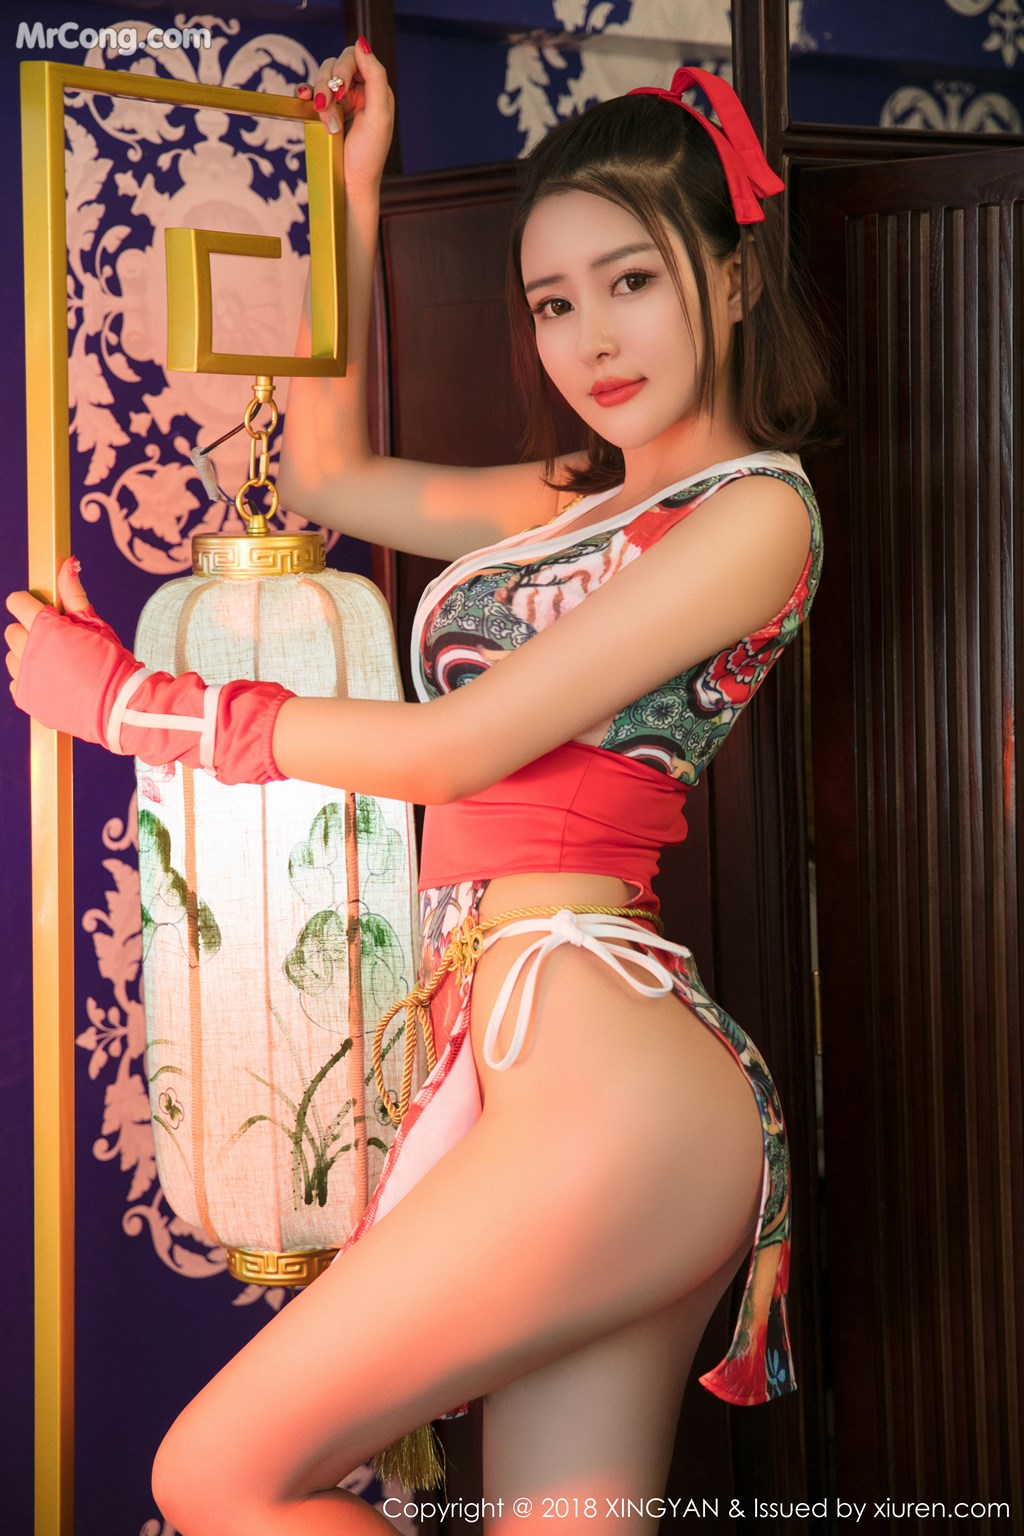 Image XingYan-Vol.028-MrCong.com-003 in post XingYan Vol.028: Người mẫu 廿十 (41 ảnh)